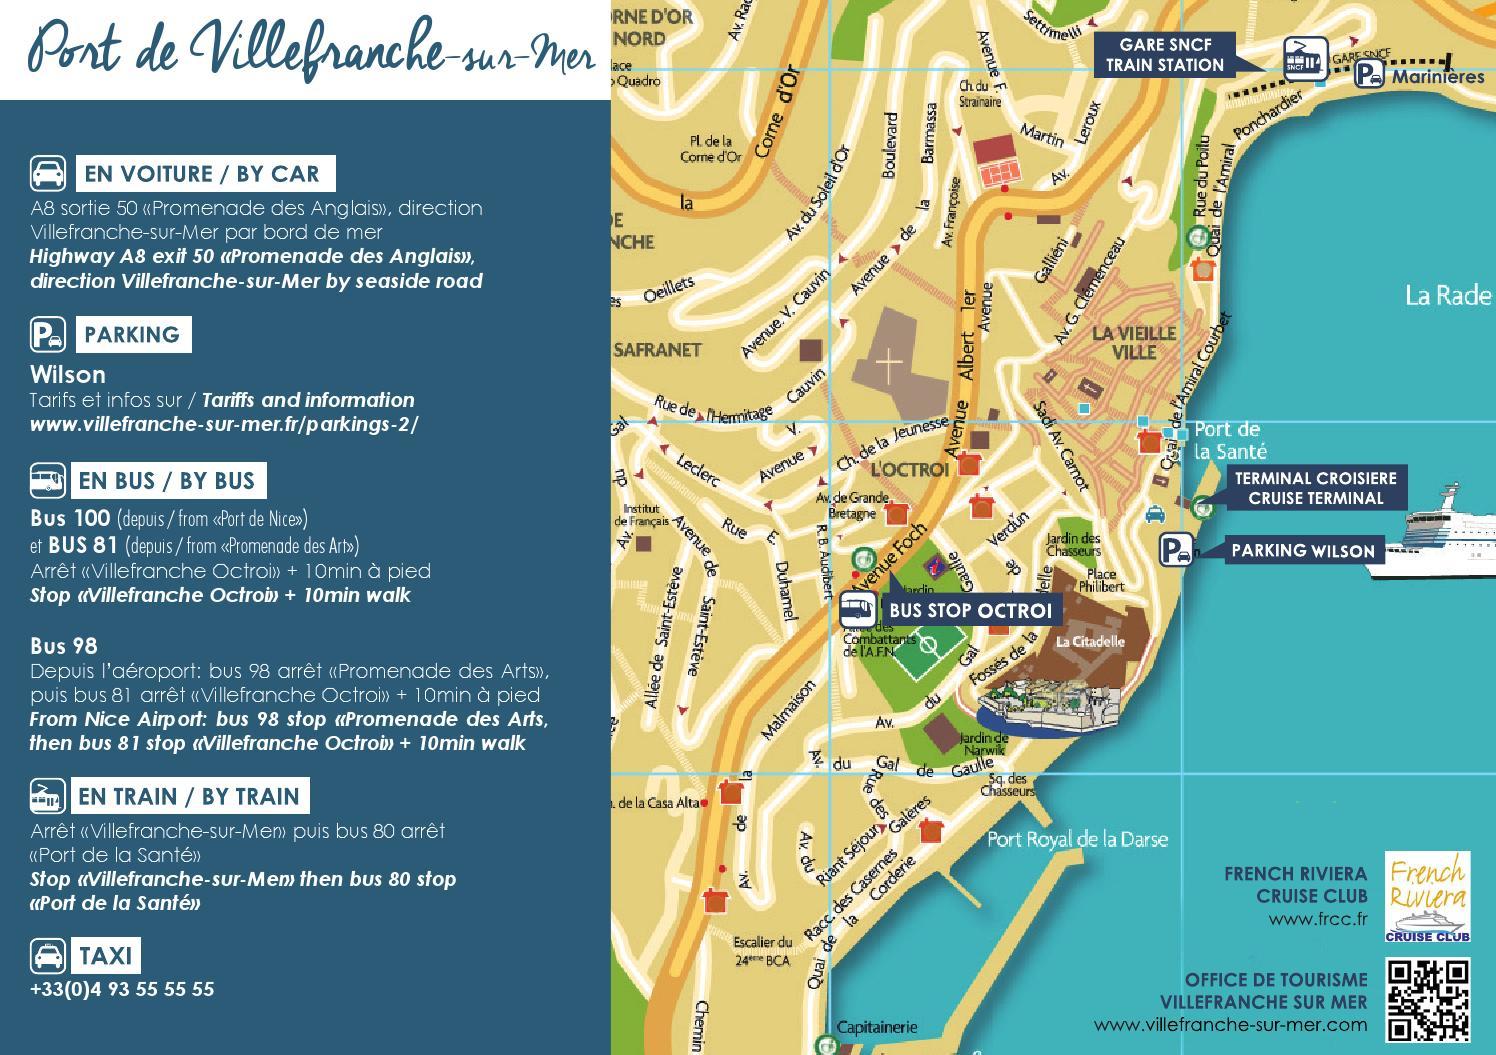 plan d 39 acc s au port de villefranche sur mer croisi re by cci nice c te d 39 azur issuu. Black Bedroom Furniture Sets. Home Design Ideas